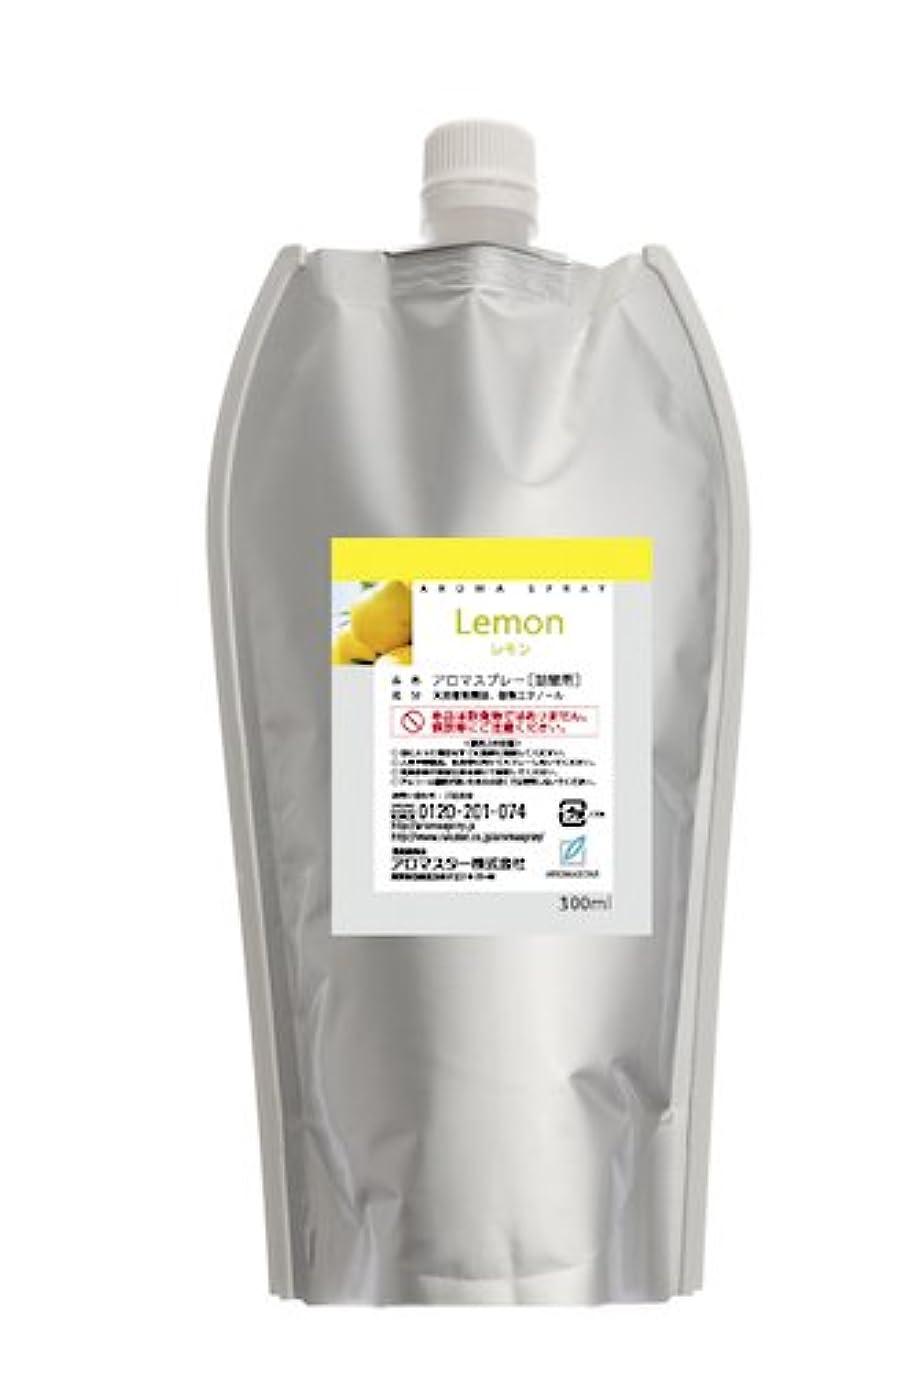 締めるドーム冊子AROMASTAR(アロマスター) アロマスプレー レモン 300ml詰替用(エコパック)